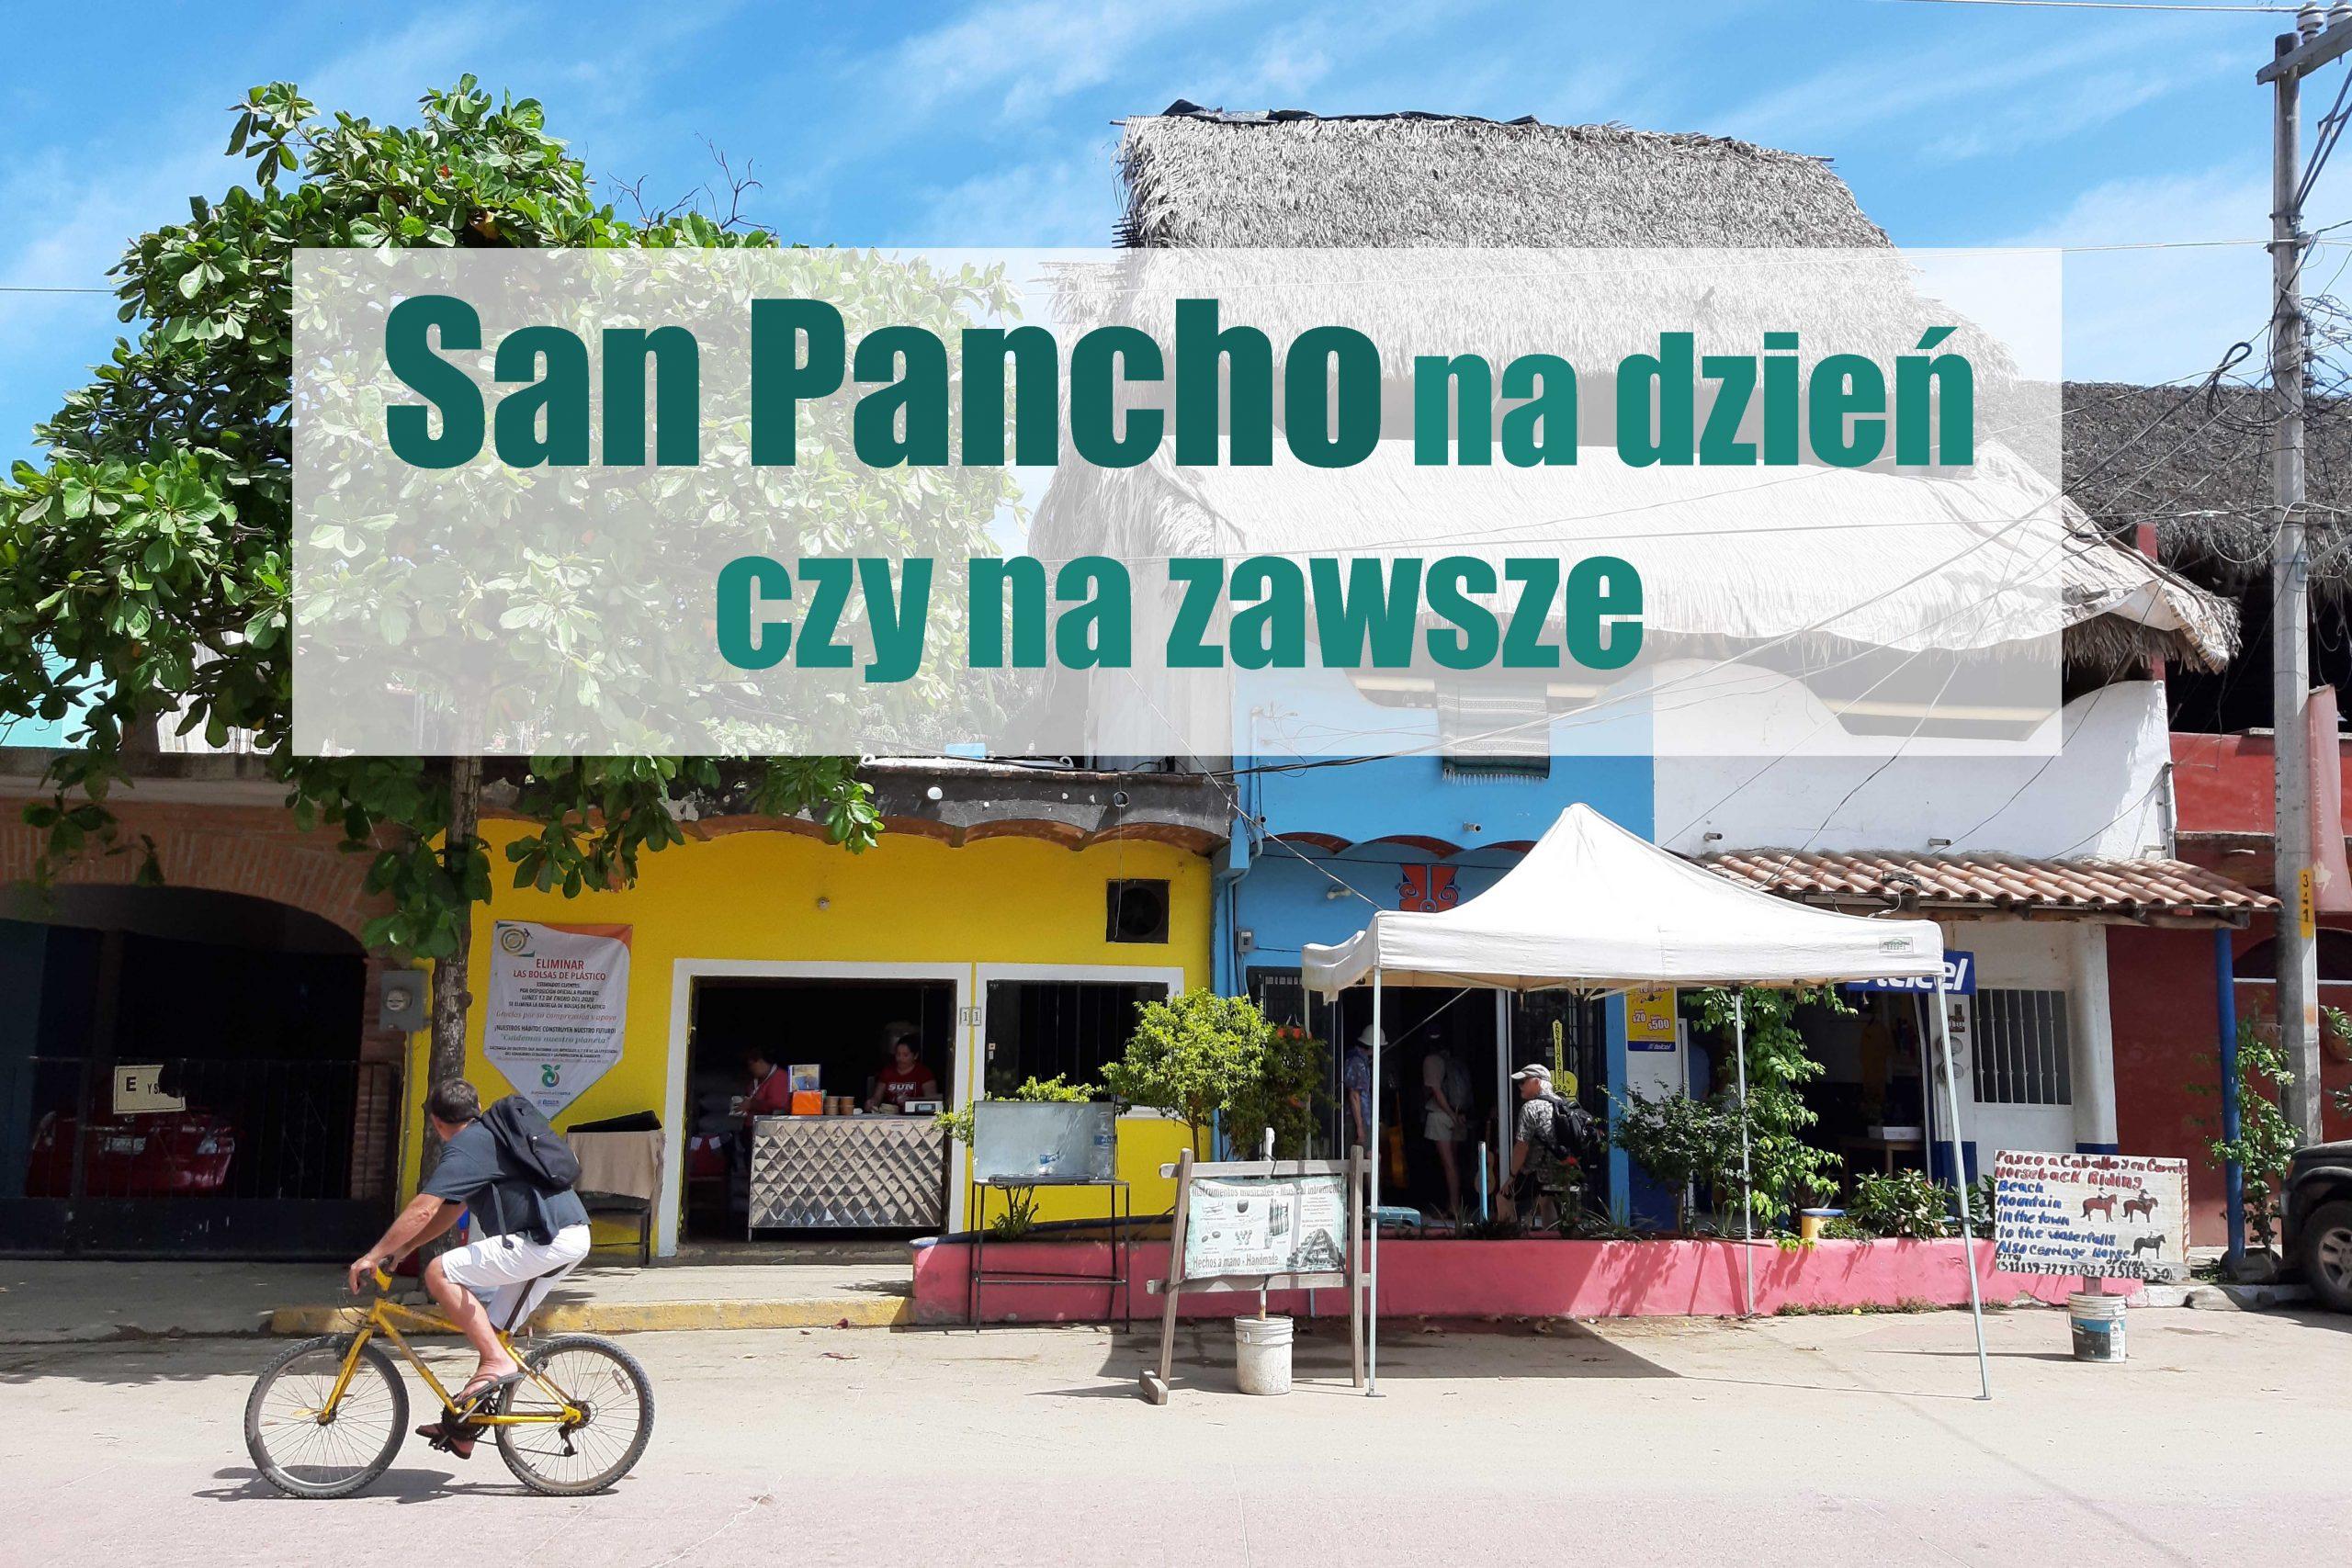 San Pancho Meksyk na dzień czy na zawsze